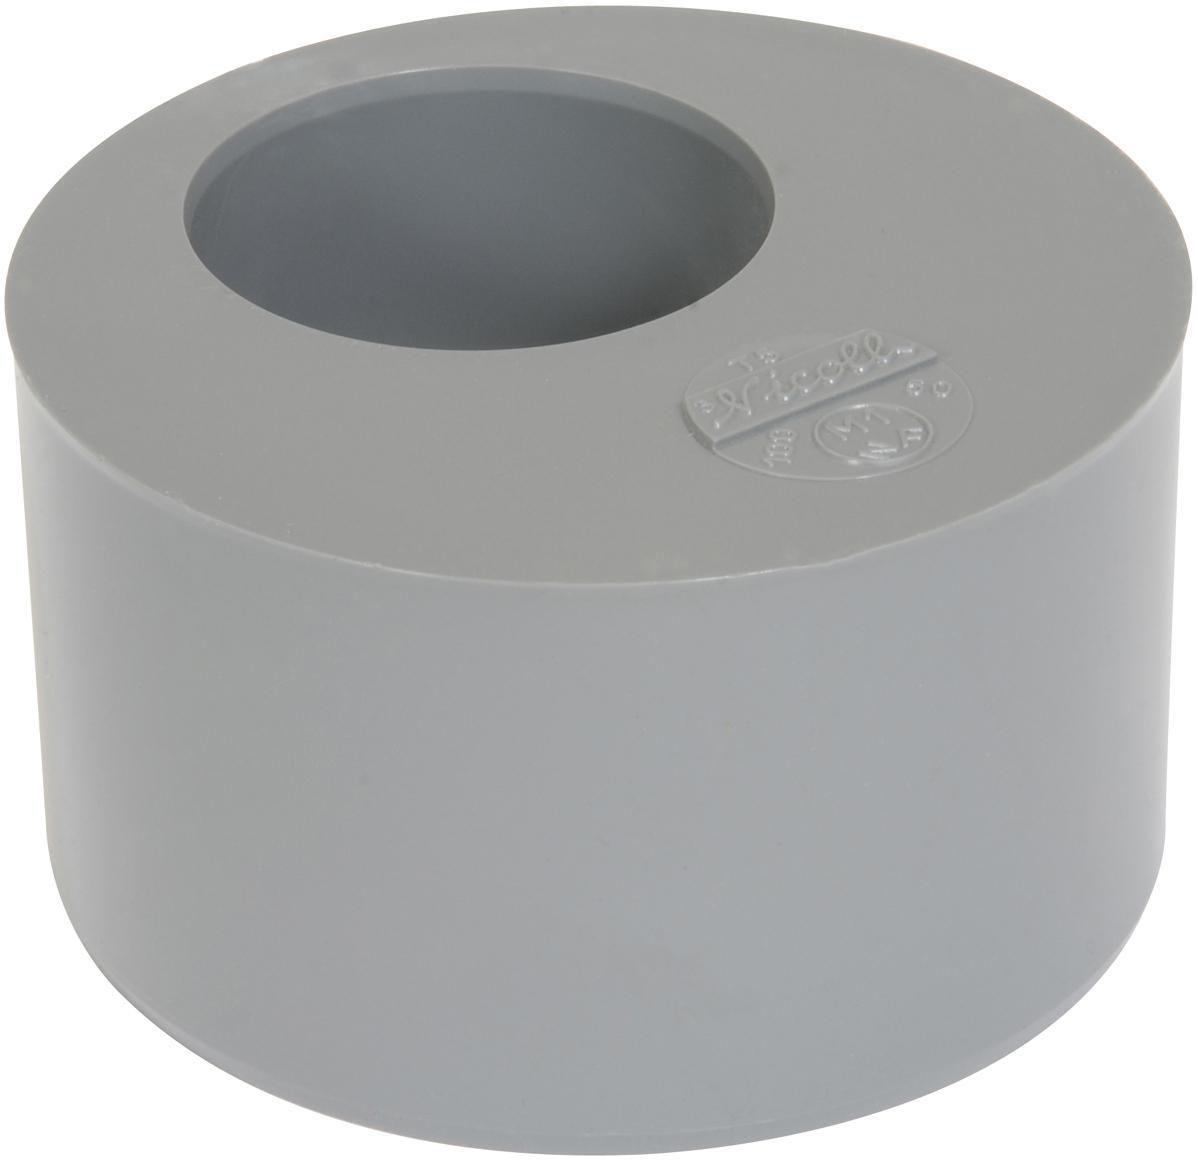 Tampon de réduction MF - T5 - PVC gris - Ø 100/50 mm